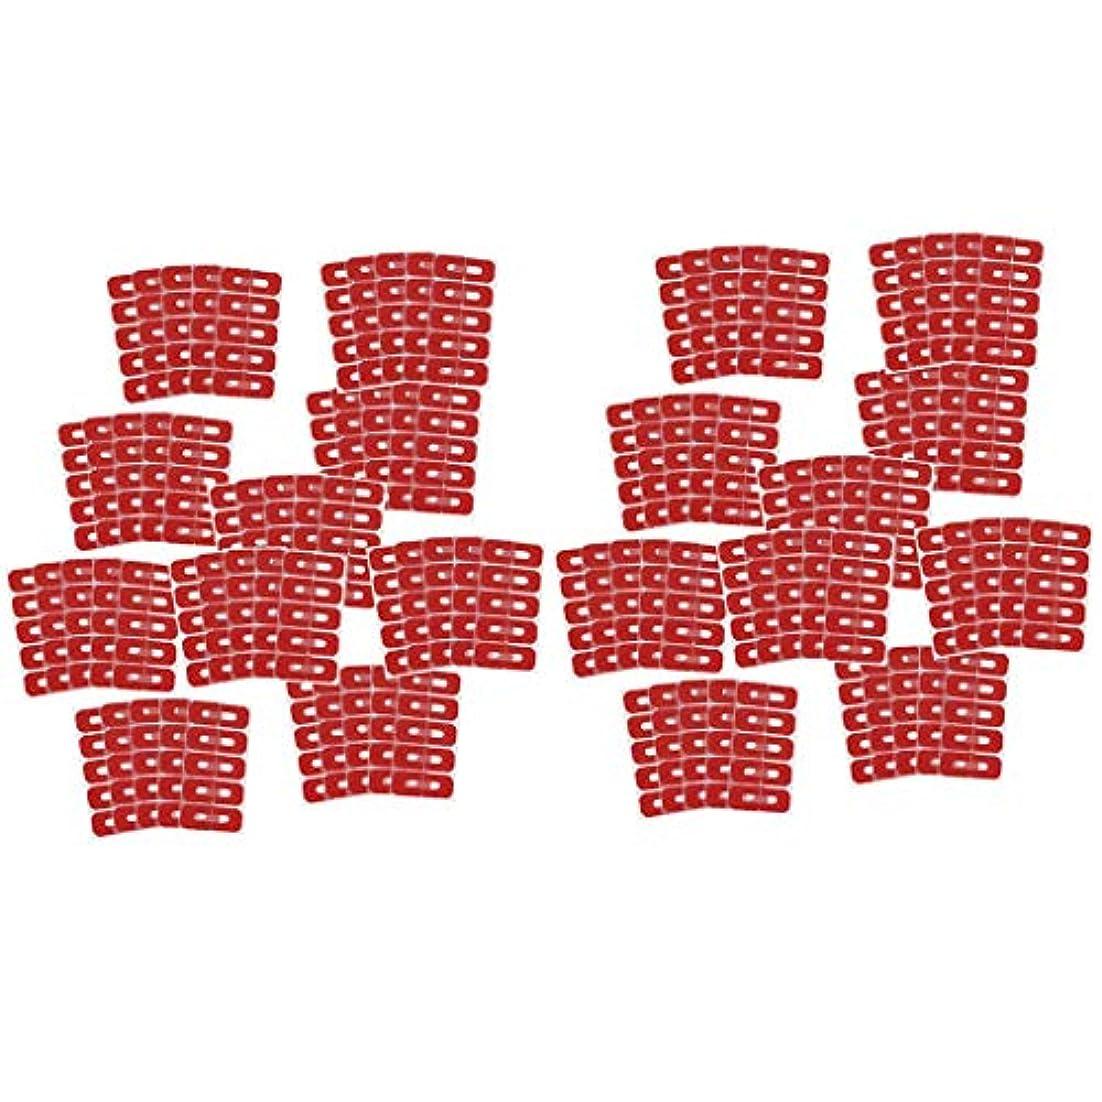 十分ではない排除独立したネイルカバー ネイルプロテクター ネイルアート はみ出し防止 溢れを防止 マニキュア ネイルケア